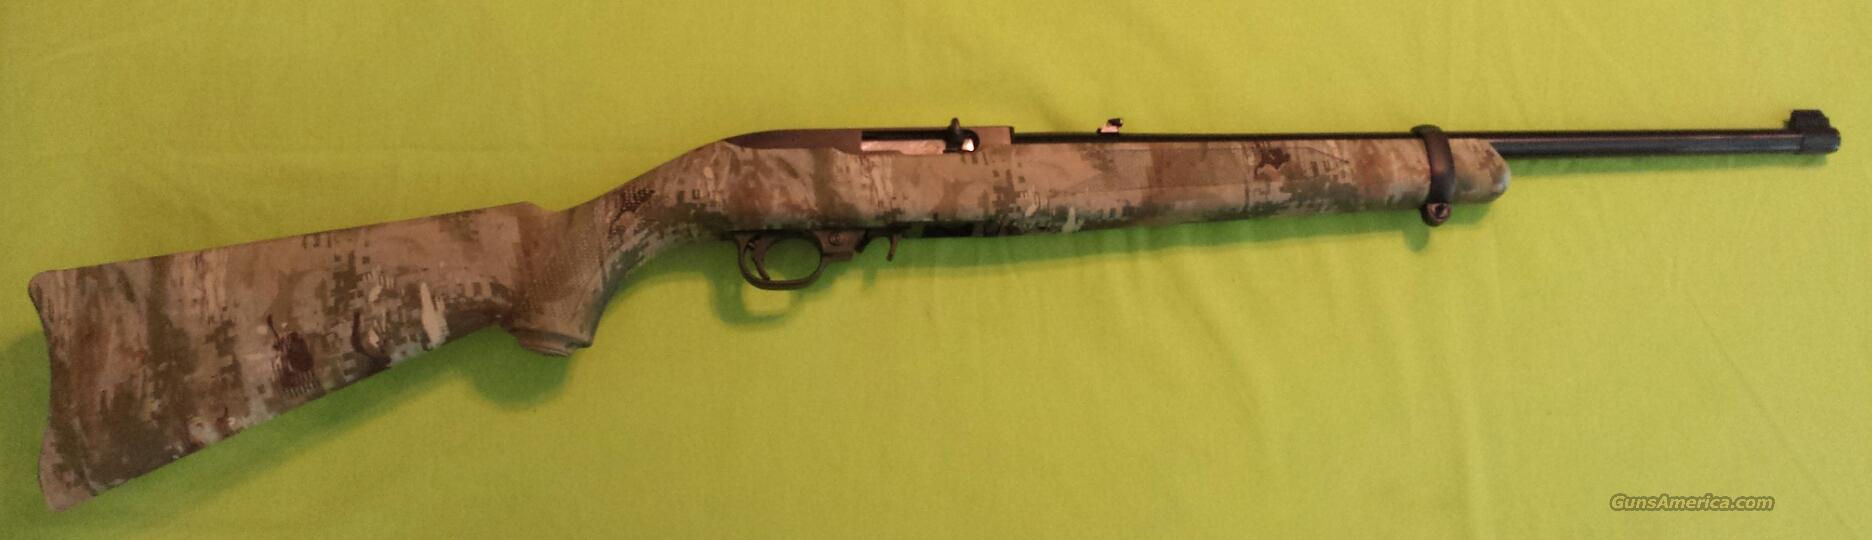 Ruger 10 22 carbine 22lr 22 lr blued wolf camo guns gt rifles gt ruger